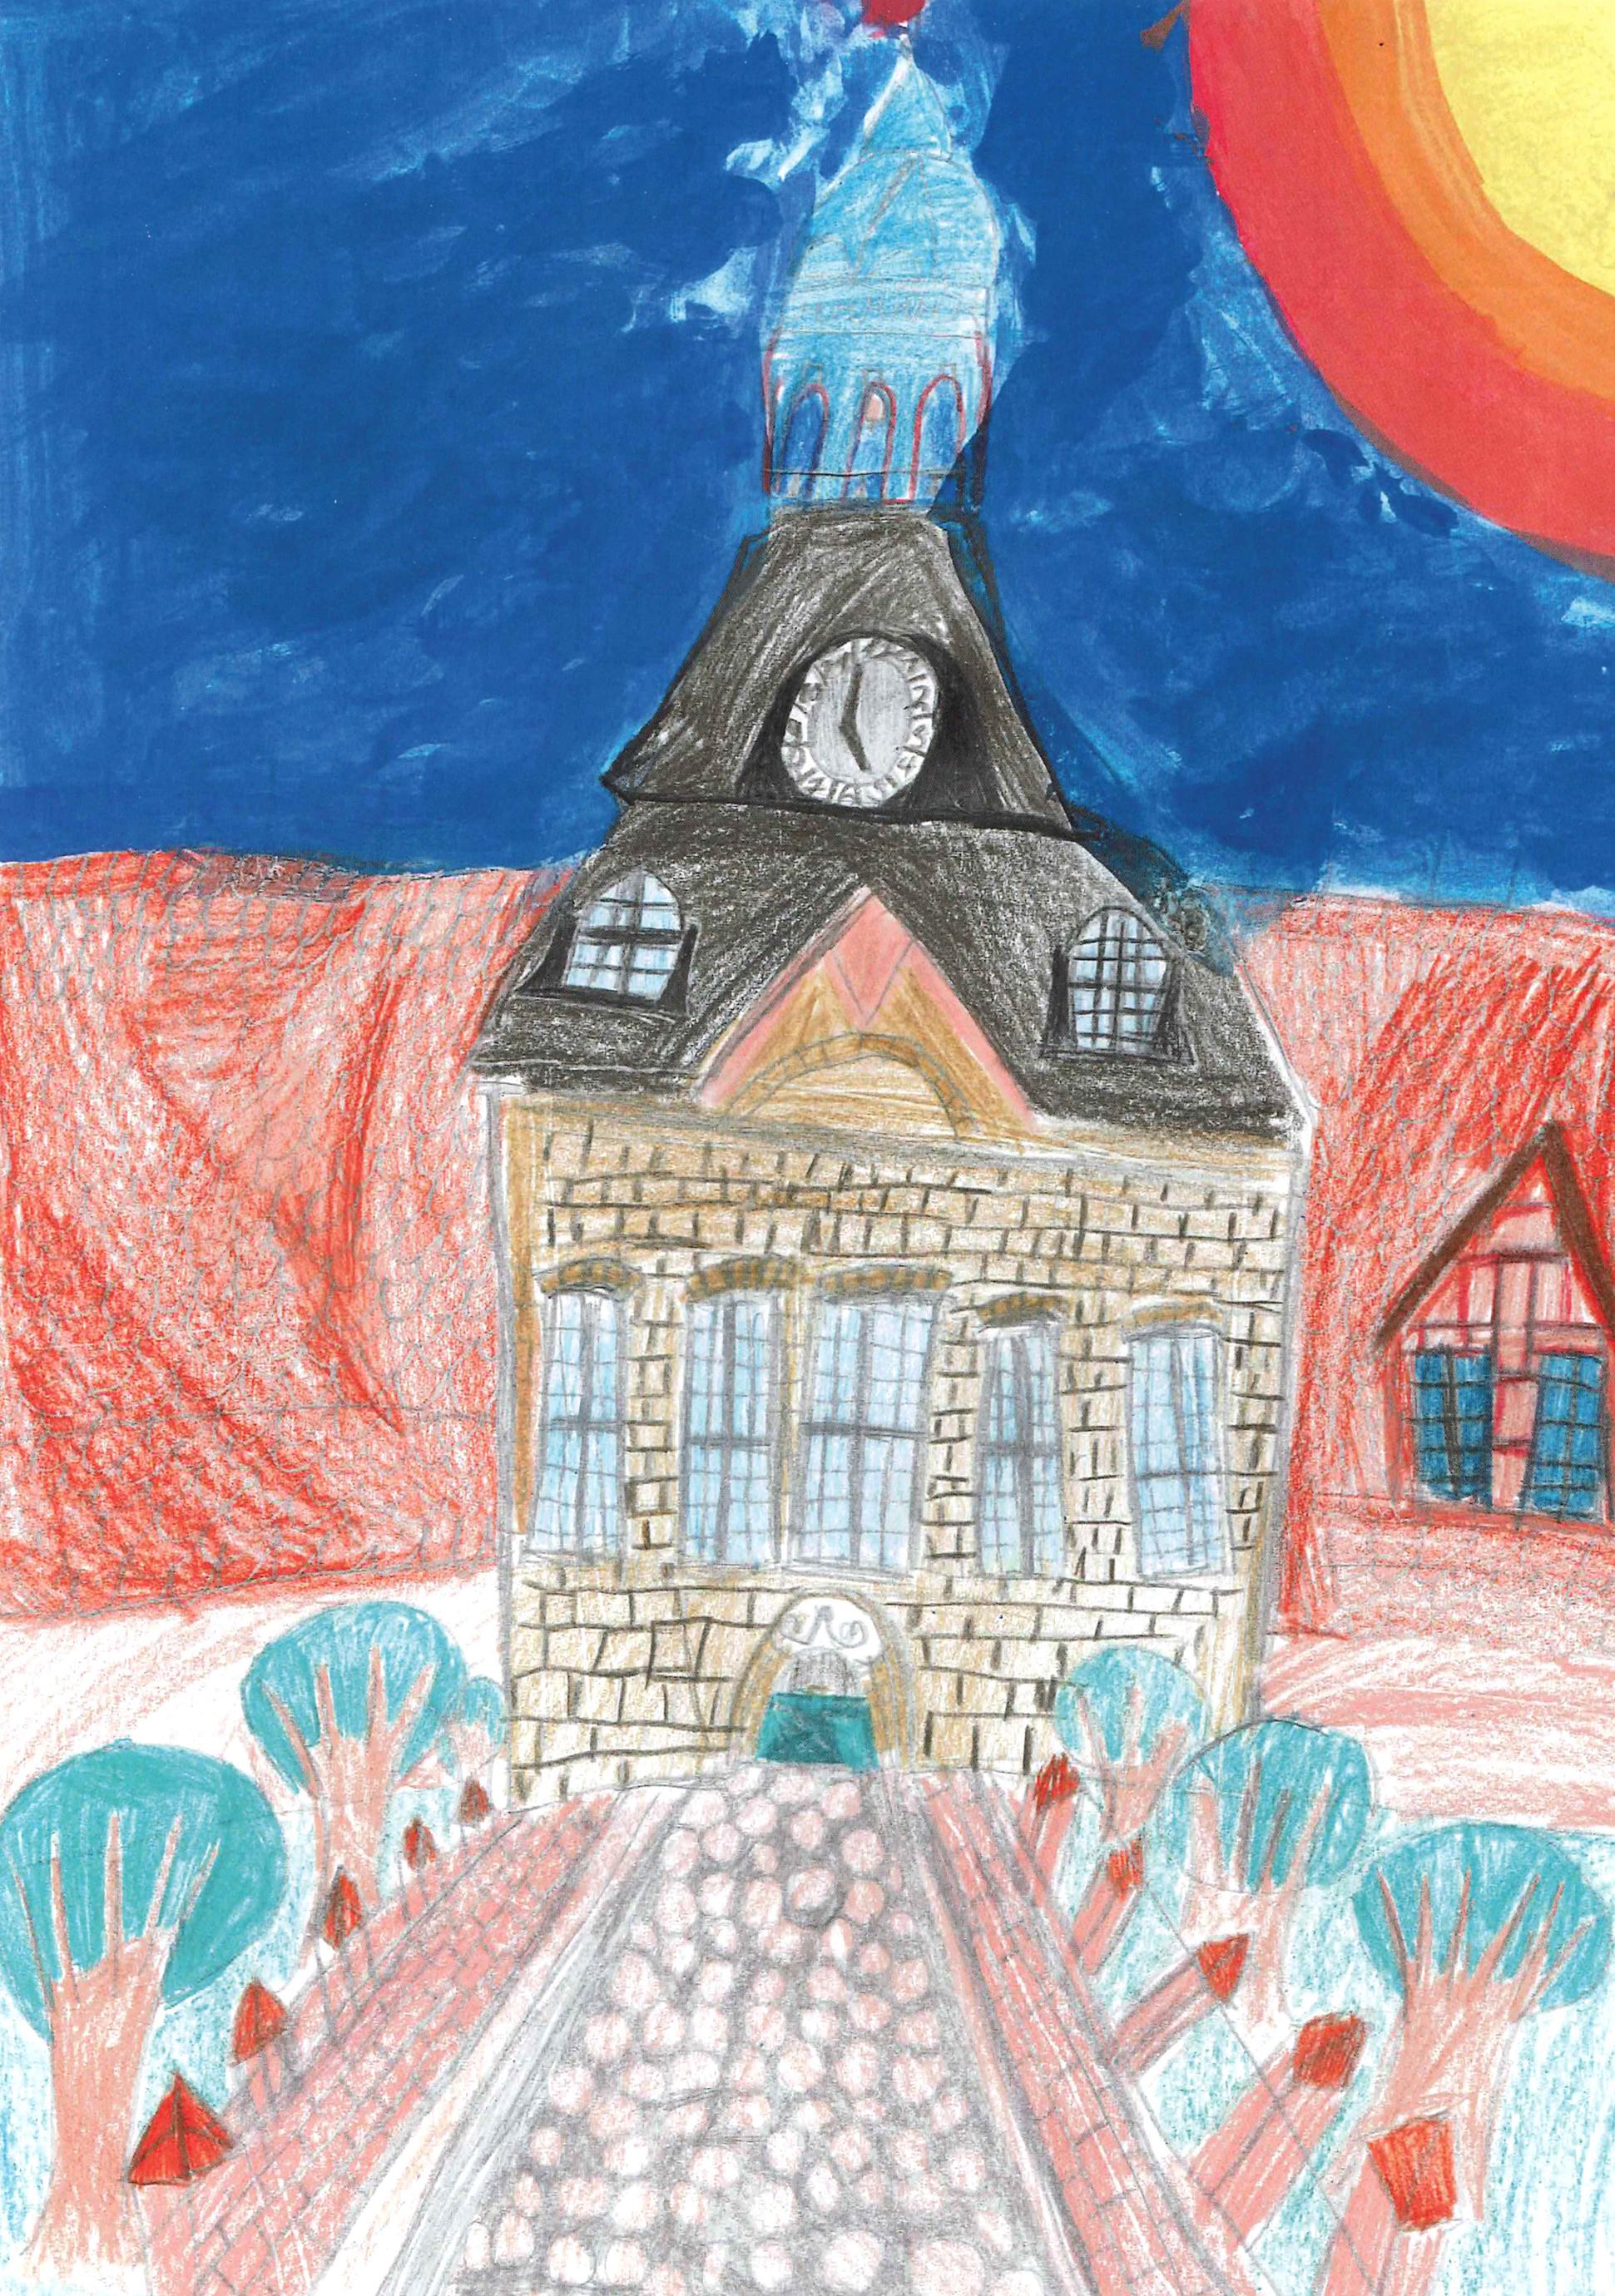 Smilla Koch (9) findet das Gut Hasselburg bei Neustadt wunderschön. Das schwungvolle Torhaus hat sie gekonnt und bunt gezeichnet.